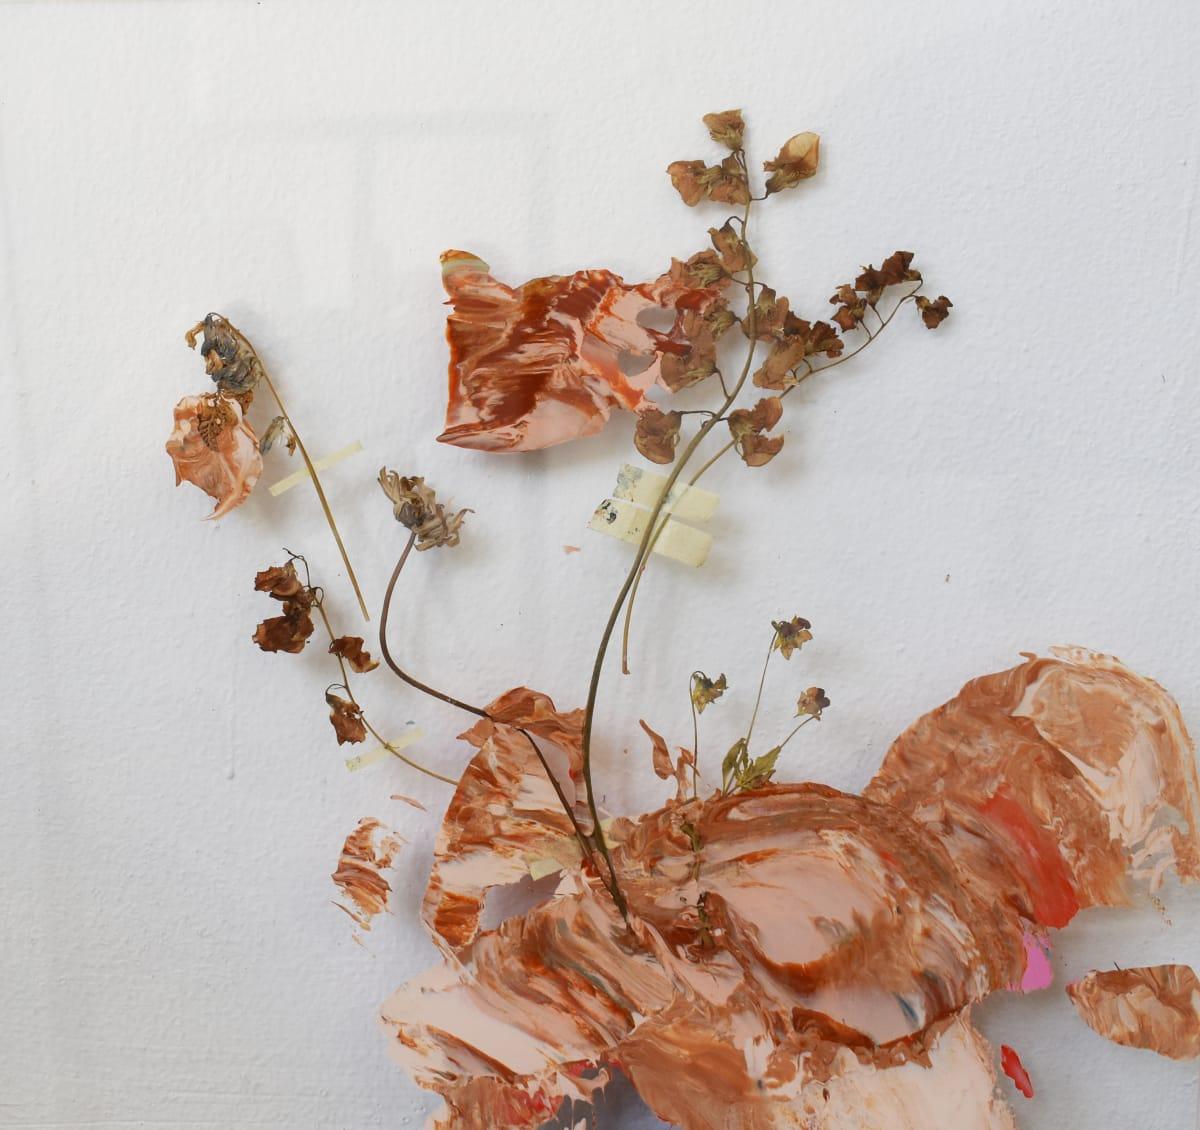 Ines Katamso, Encroachment 2, 2018